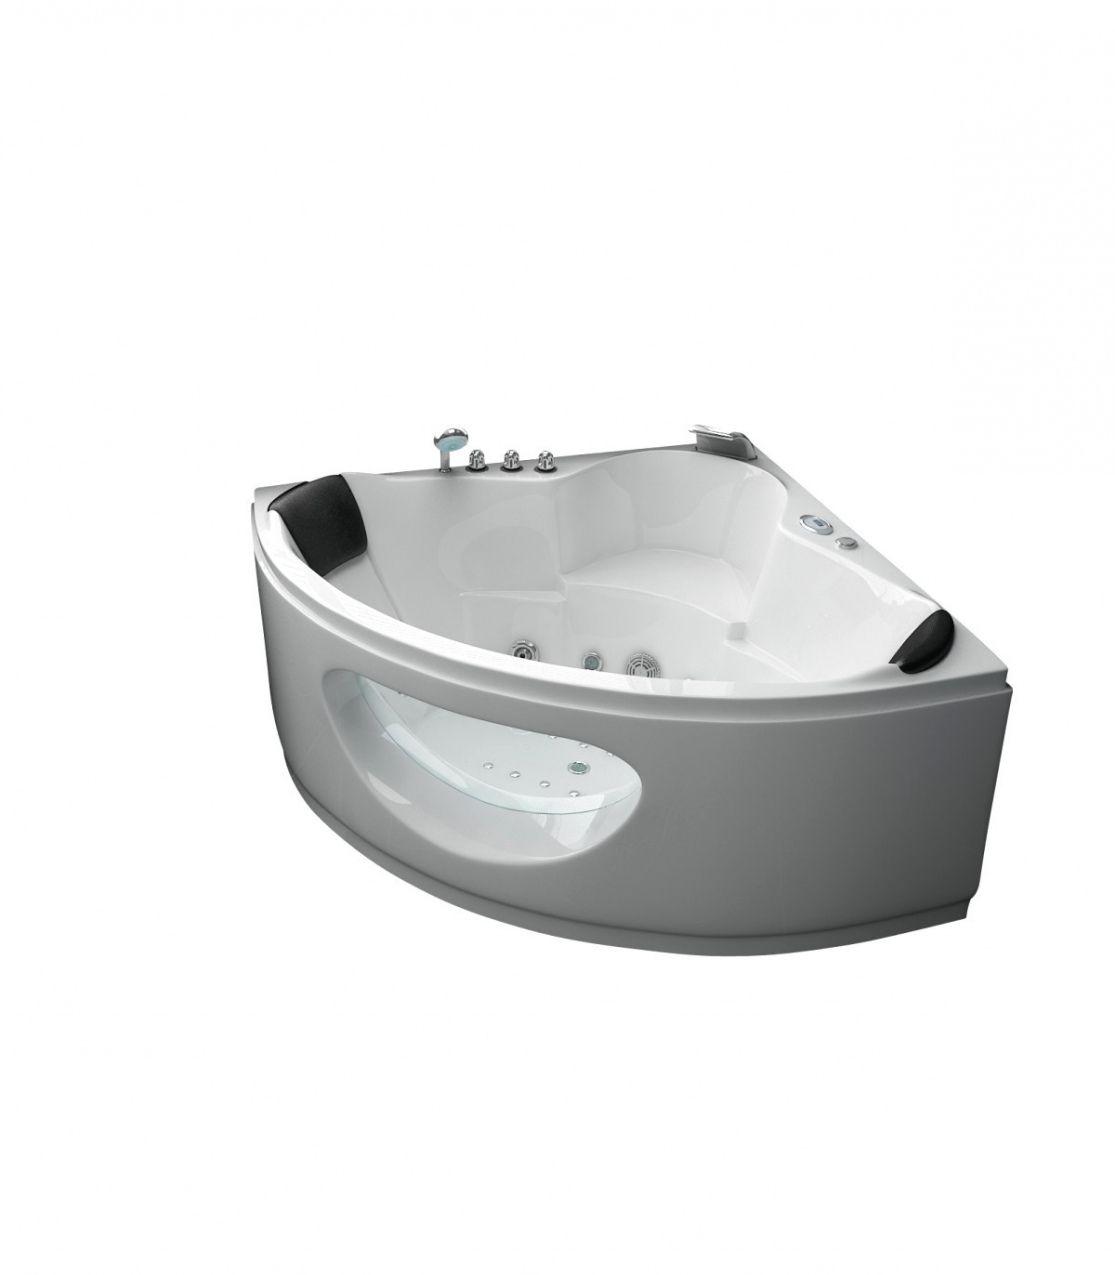 50 Baignoire D Angle 140 X 140 2018 Bathtub Bathroom